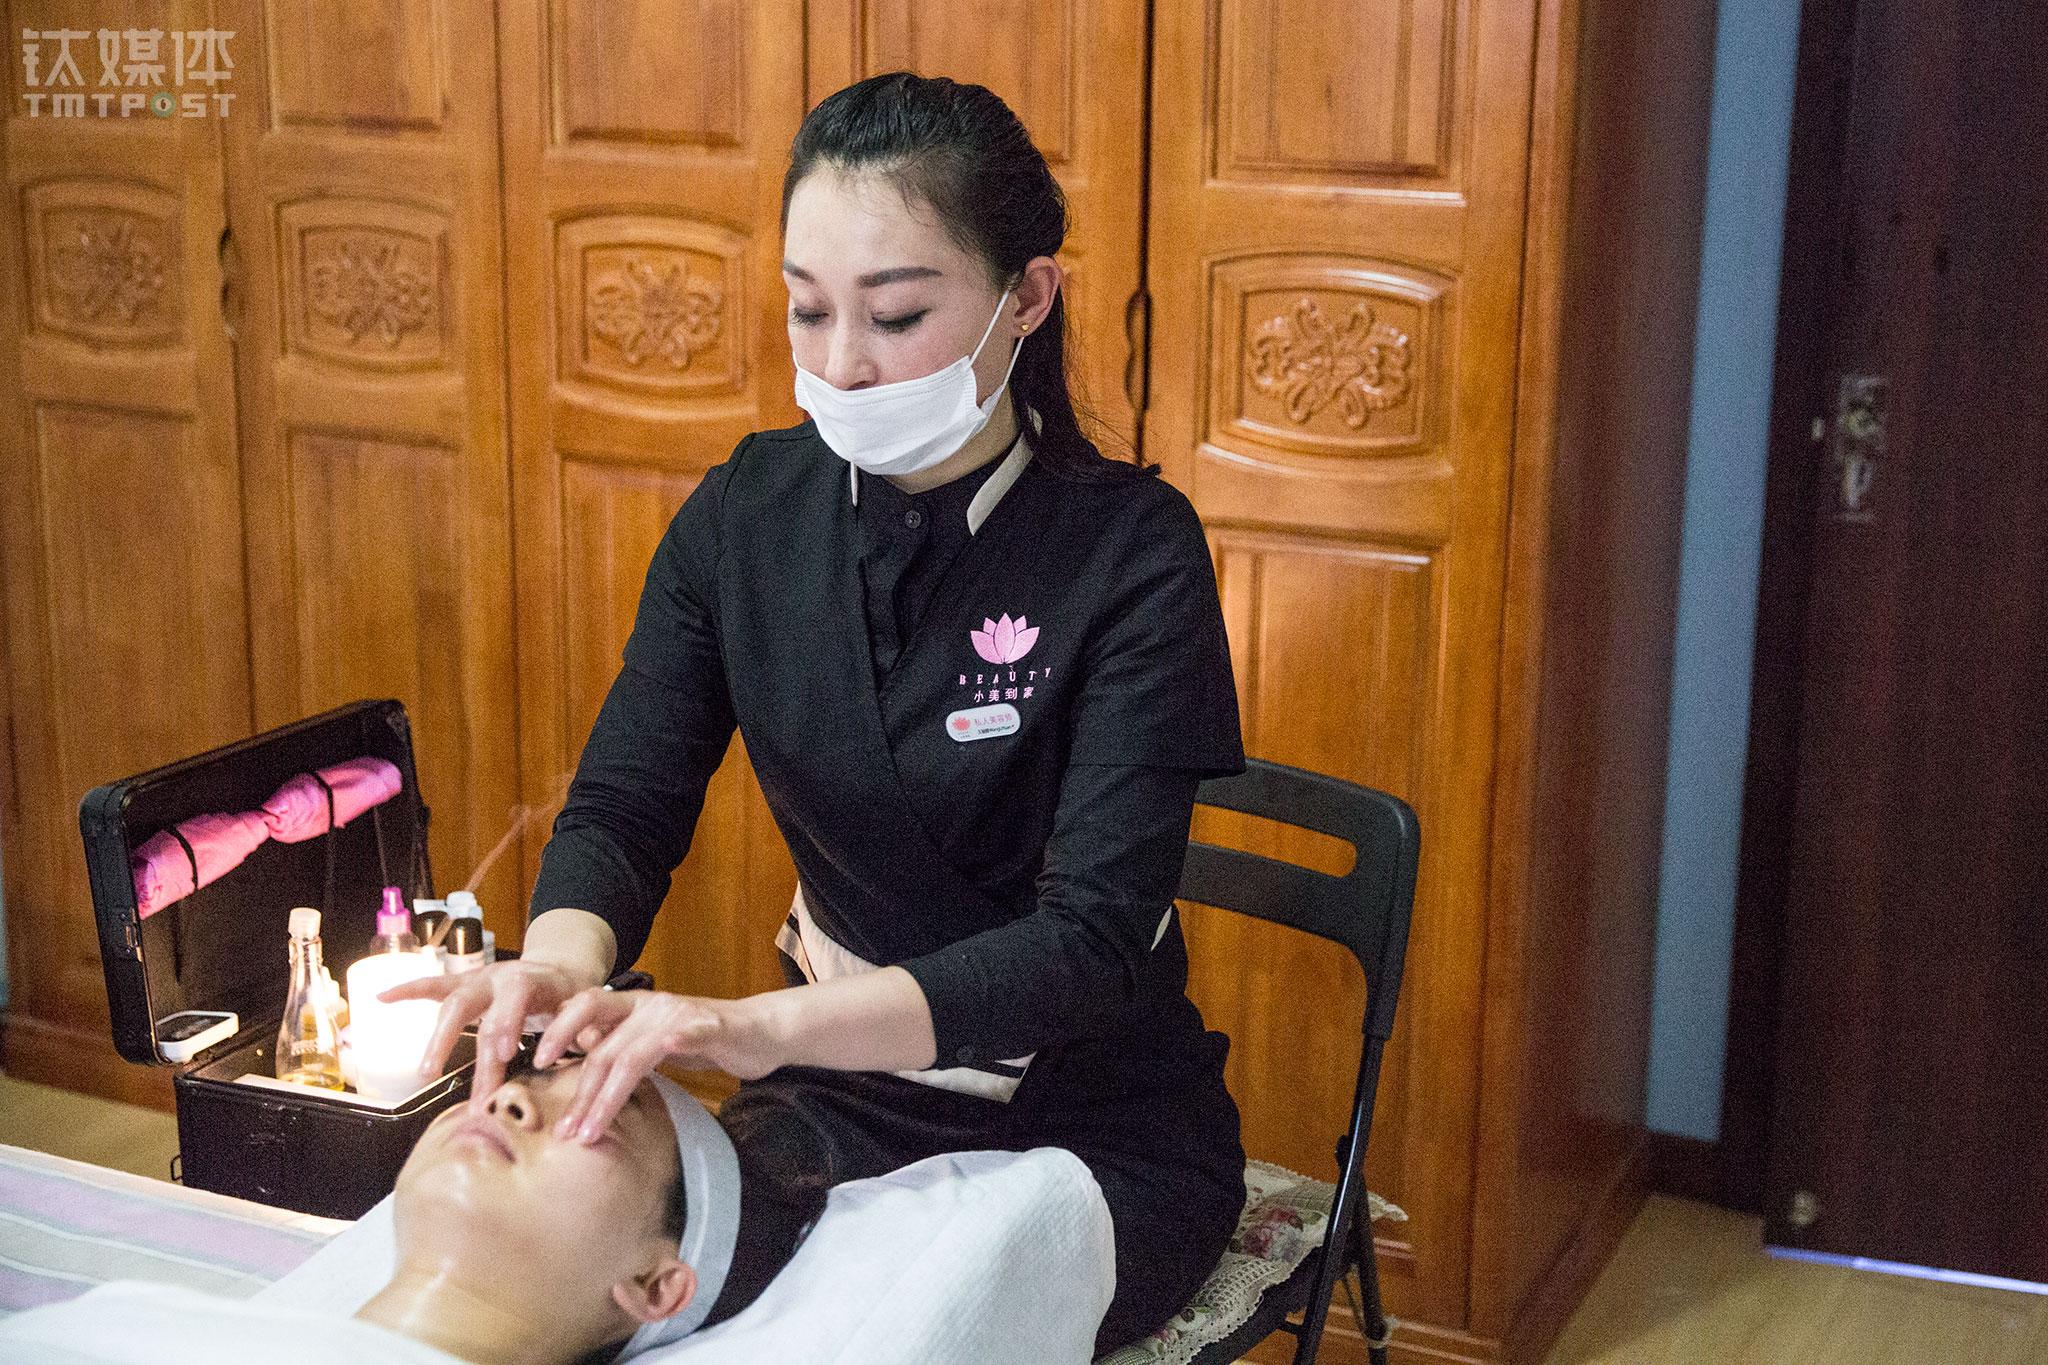 """2016年3月13日,O2O平台""""小美到家""""美容师王丽媛在客户家提供美容服务。她每天早上7点拖着30多斤的箱子出门,晚上10点回家,每天服务客户5~6名,常常忙到吃饭都顾不上。为了练习美容技能,她曾累到连筷子都拿不起。O2O上门服务,跟在美容店里提供服务相比,美容师和客户之间关系更平等、信任度更高。在钛媒体《在线》:《一个O2O上门美容师的一天,什么是劳动者的尊严》中,我们写道:劳动者的尊严来自物质,也来自人与人之间的彼此尊重,这种尊严,才是O2O带来的最大价值。"""